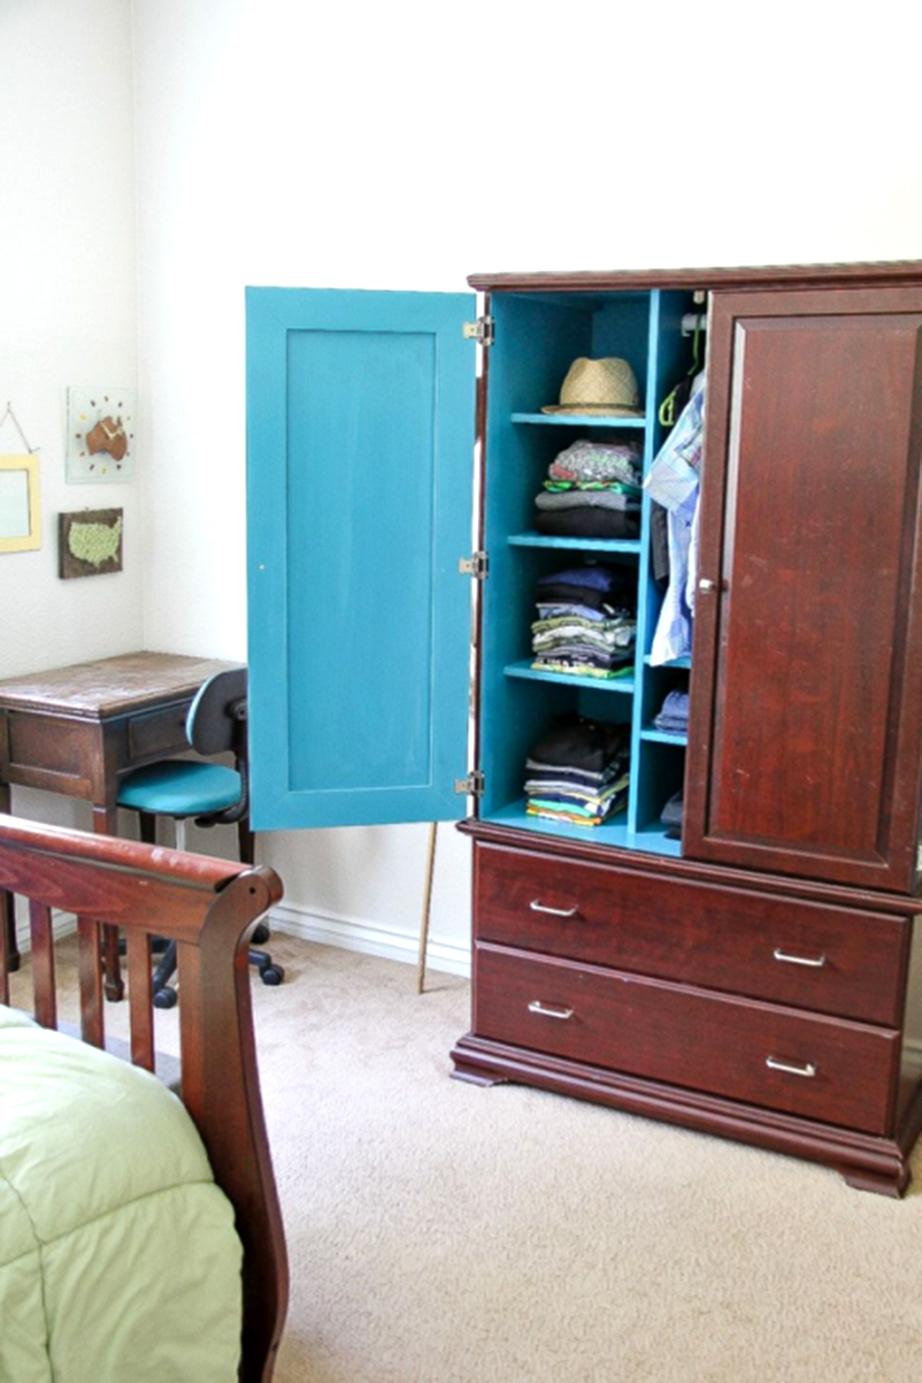 Βάψτε το εσωτερικό της ντουλάπας των ρούχων.